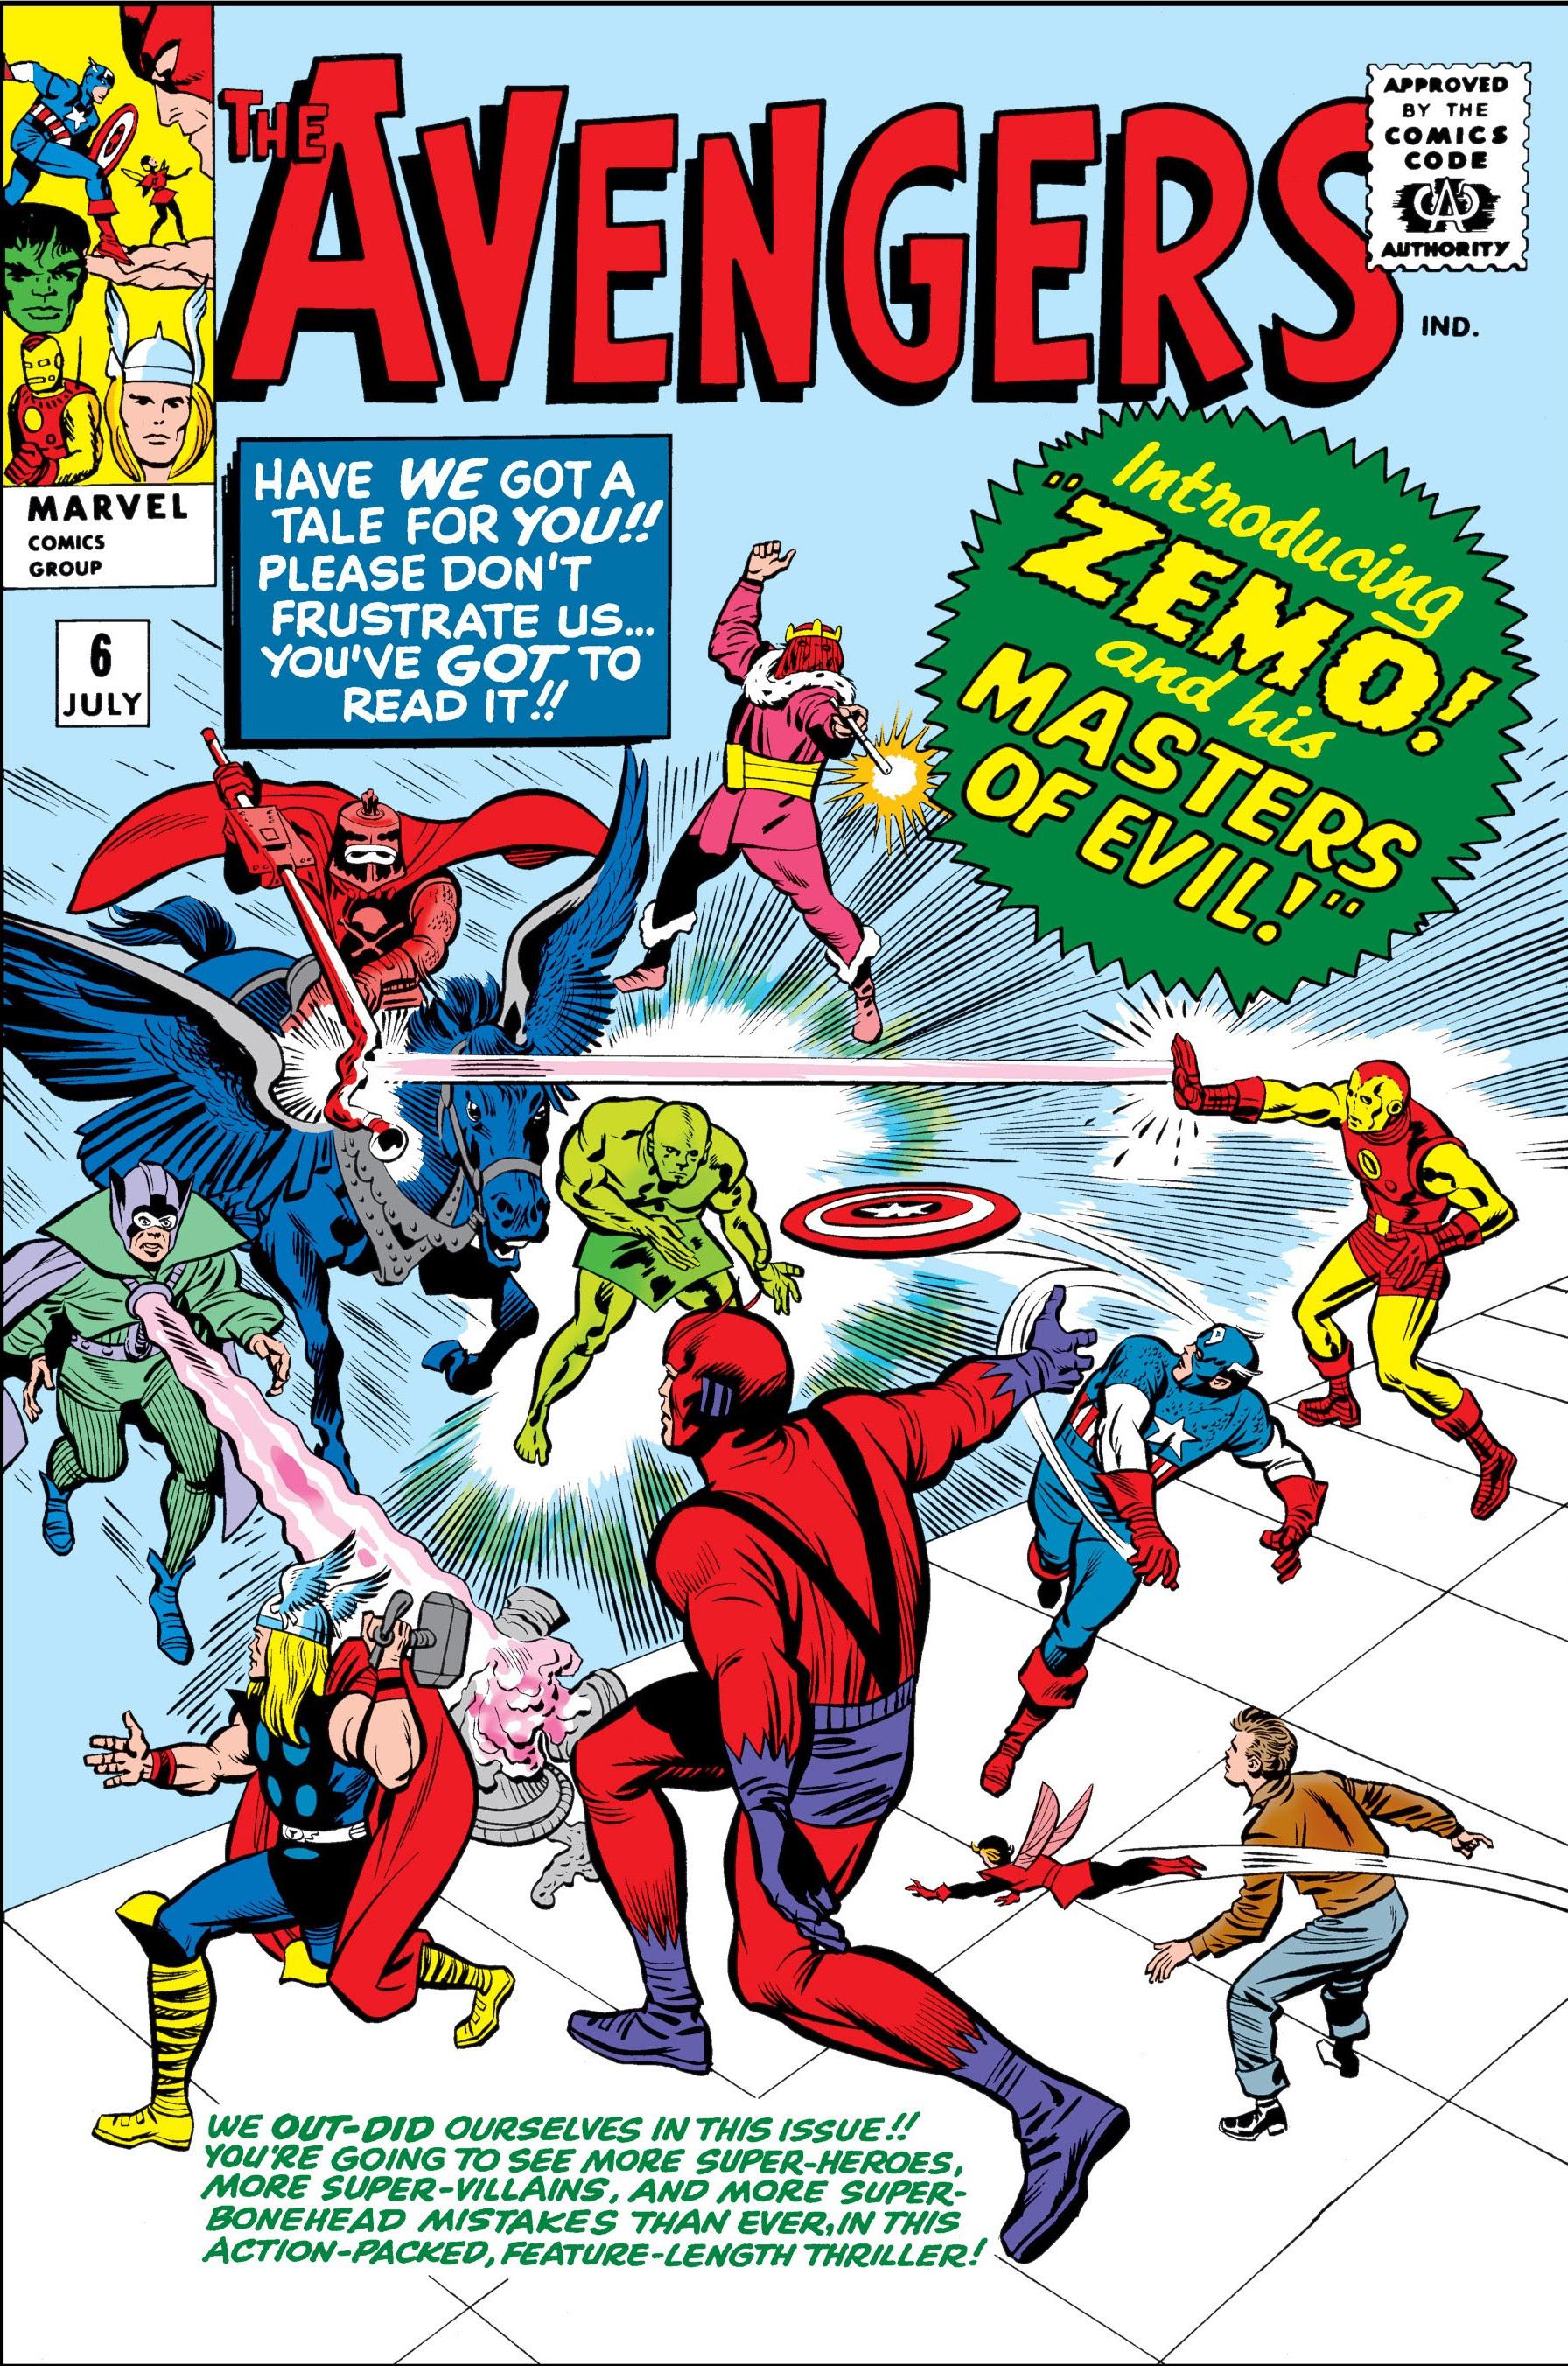 http://vignette4.wikia.nocookie.net/marveldatabase/images/7/73/Avengers_Vol_1_6.jpg/revision/latest?cb=20051102180527